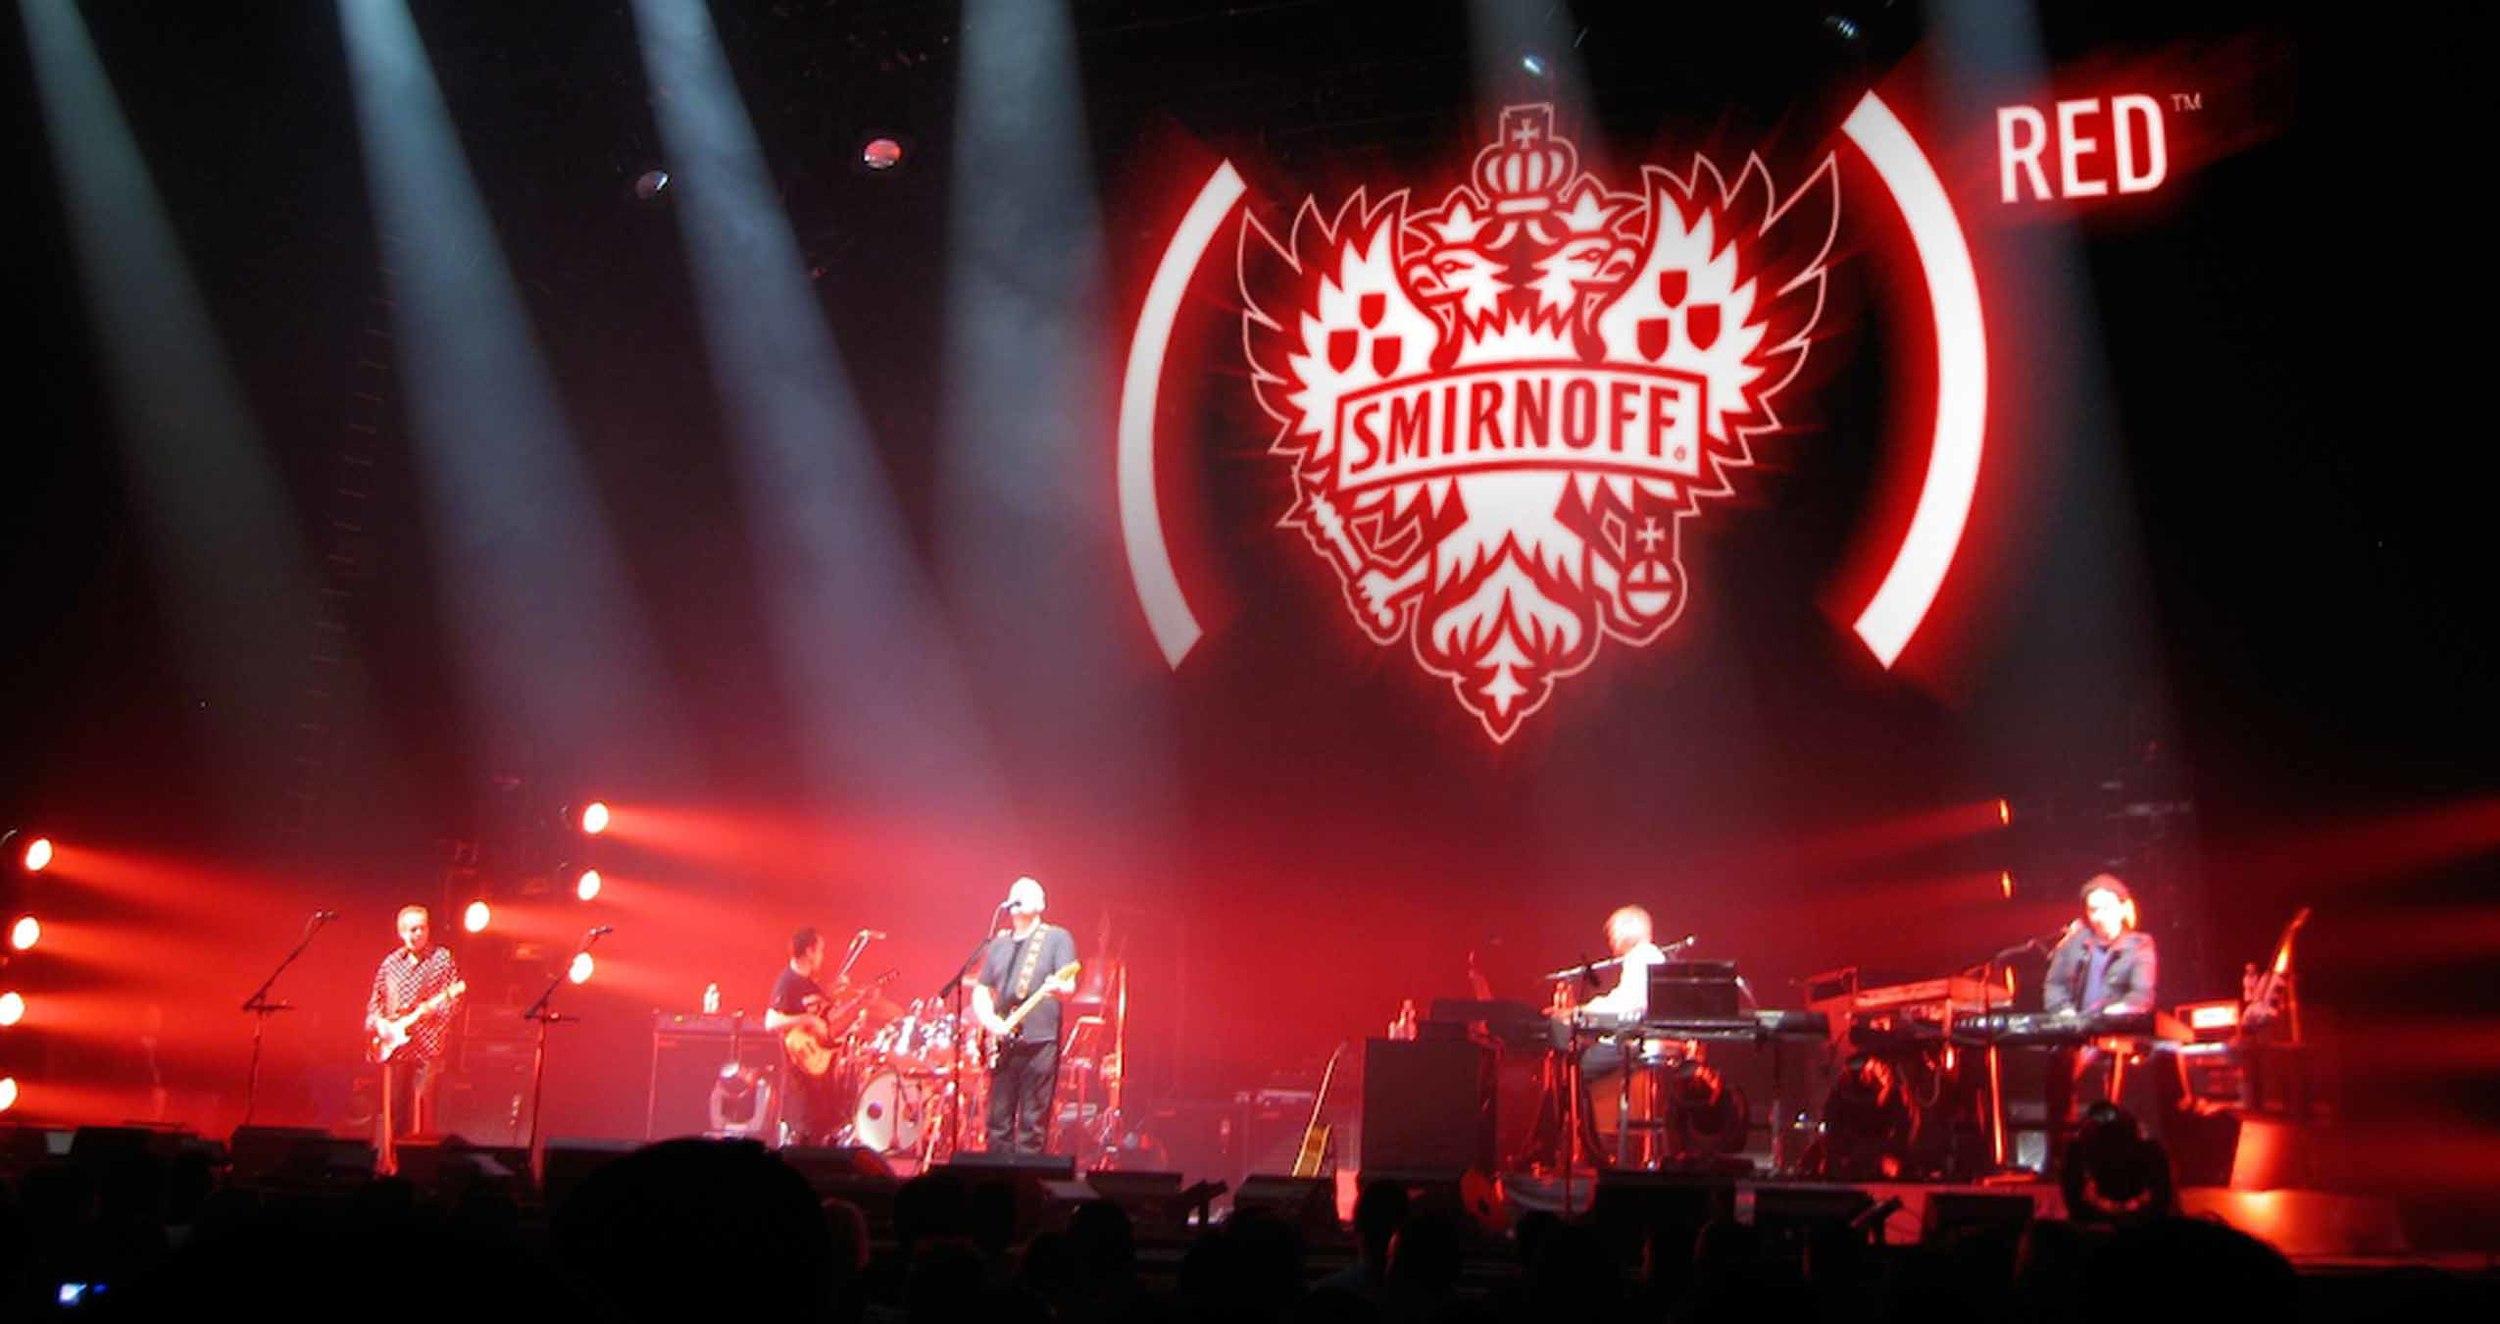 A Smirnoff (RED) Night event.